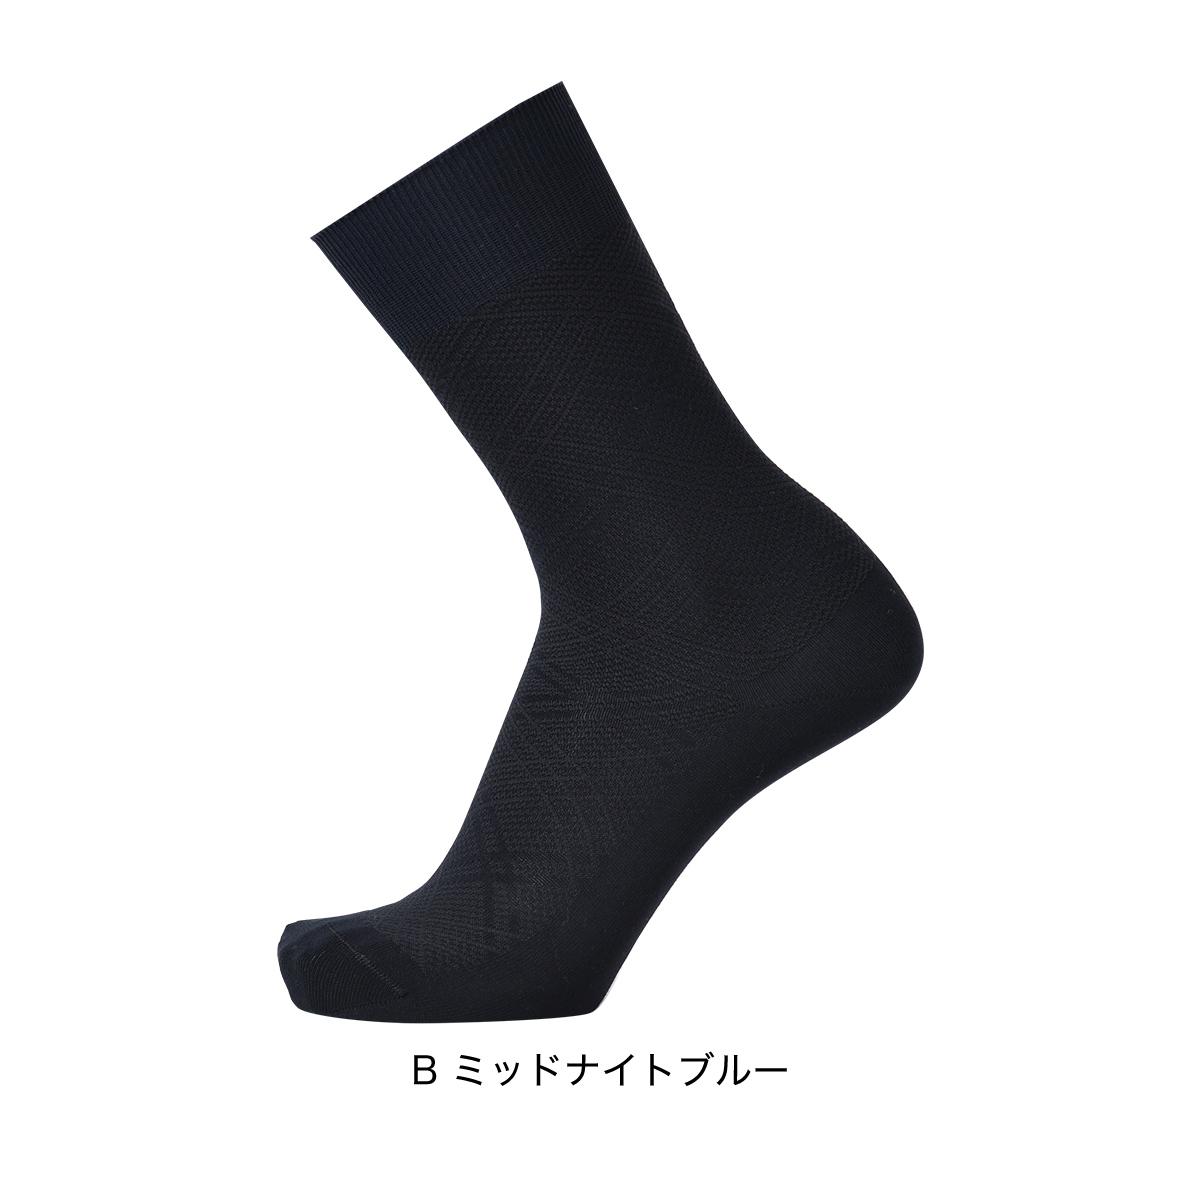 Calvin Klein ( カルバンクライン ) ビジネス バイアスチェック柄 サマーコットン使用 クルー丈 メンズ 紳士 ソックス 靴下 日本製 男性 メンズ 2562-227 【ゆうパケット・4点まで】